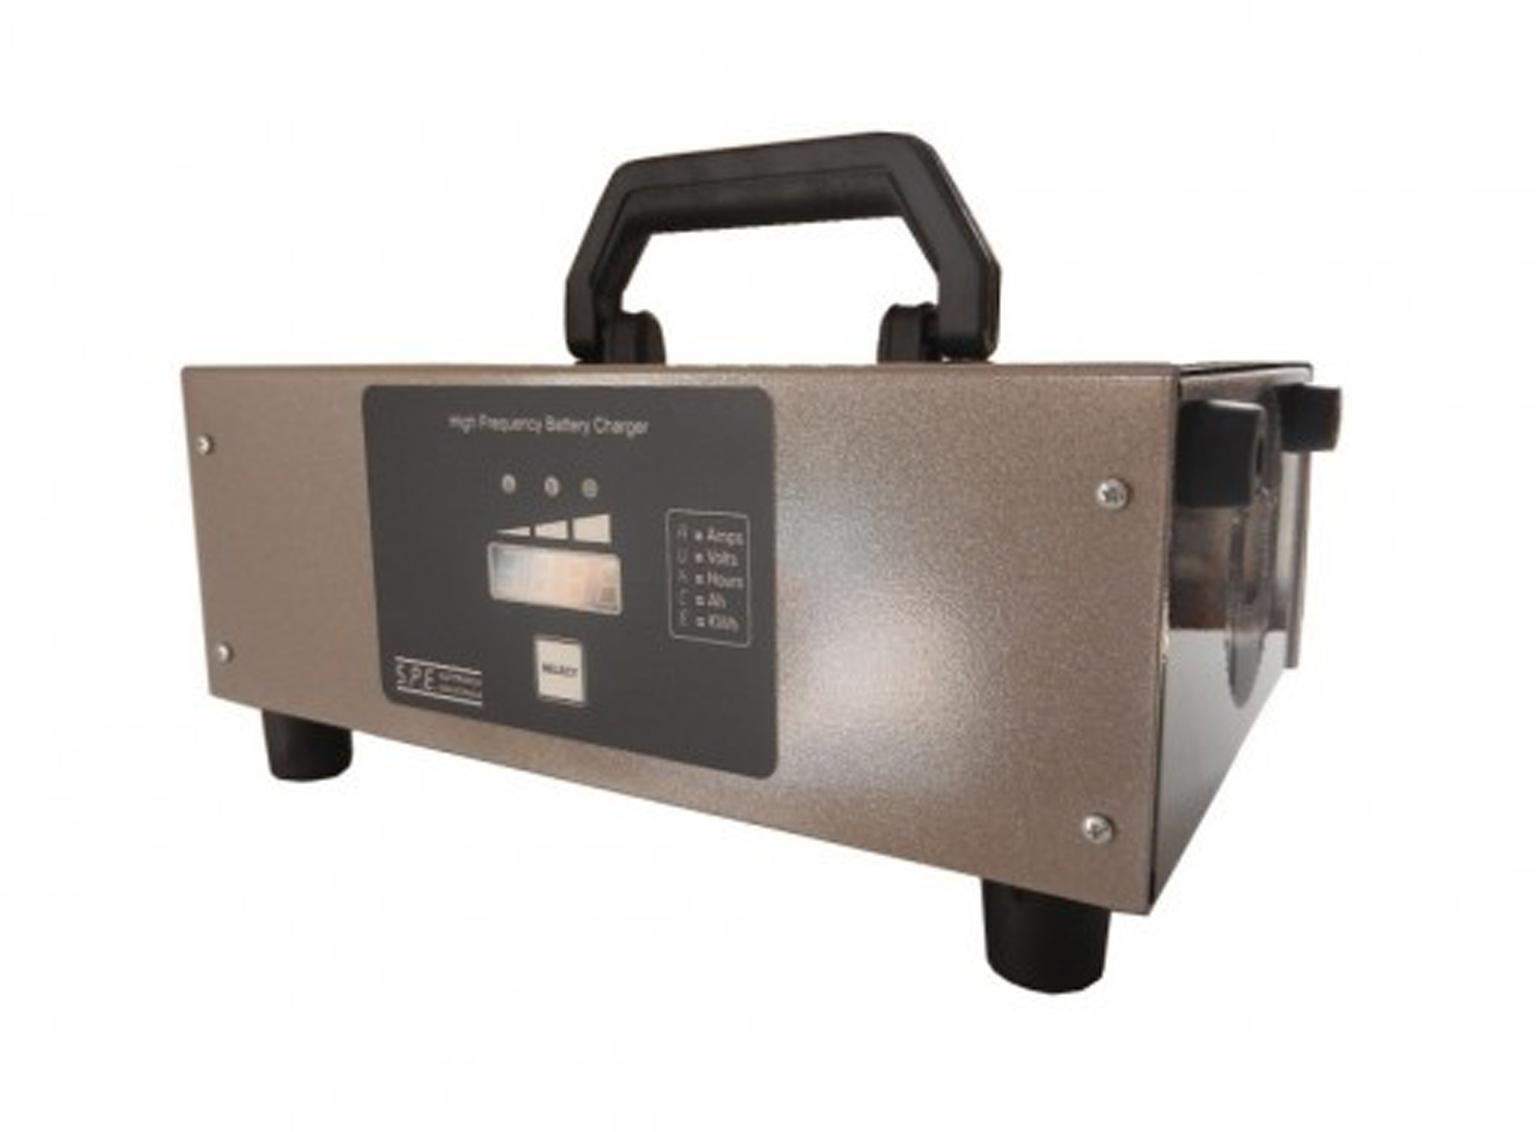 Tennanttrue Spe 24 Volt 25 Amp Onboard Charger Pn 1220856